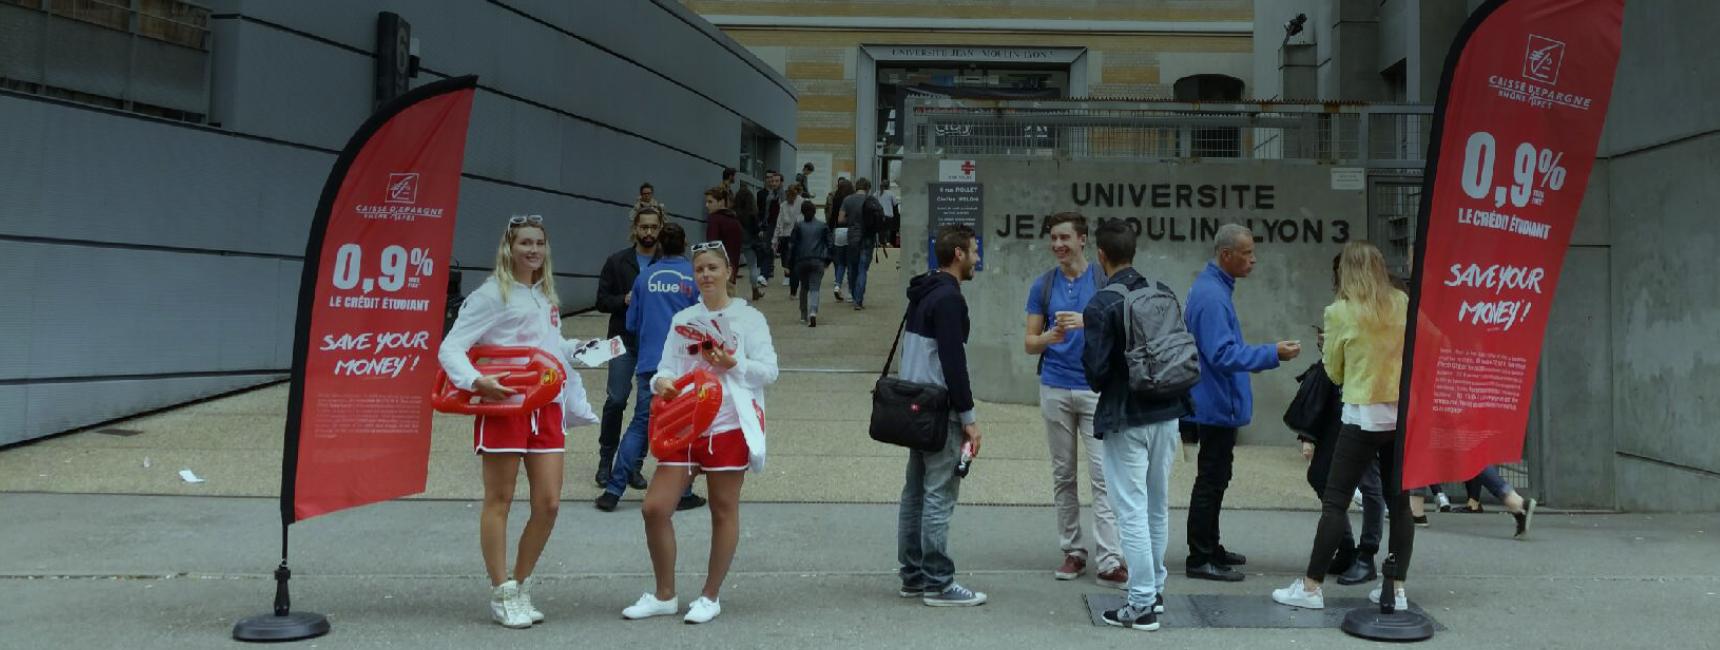 Campus étudiant - Keemia Paris Agence marketing local en région Île-de-France